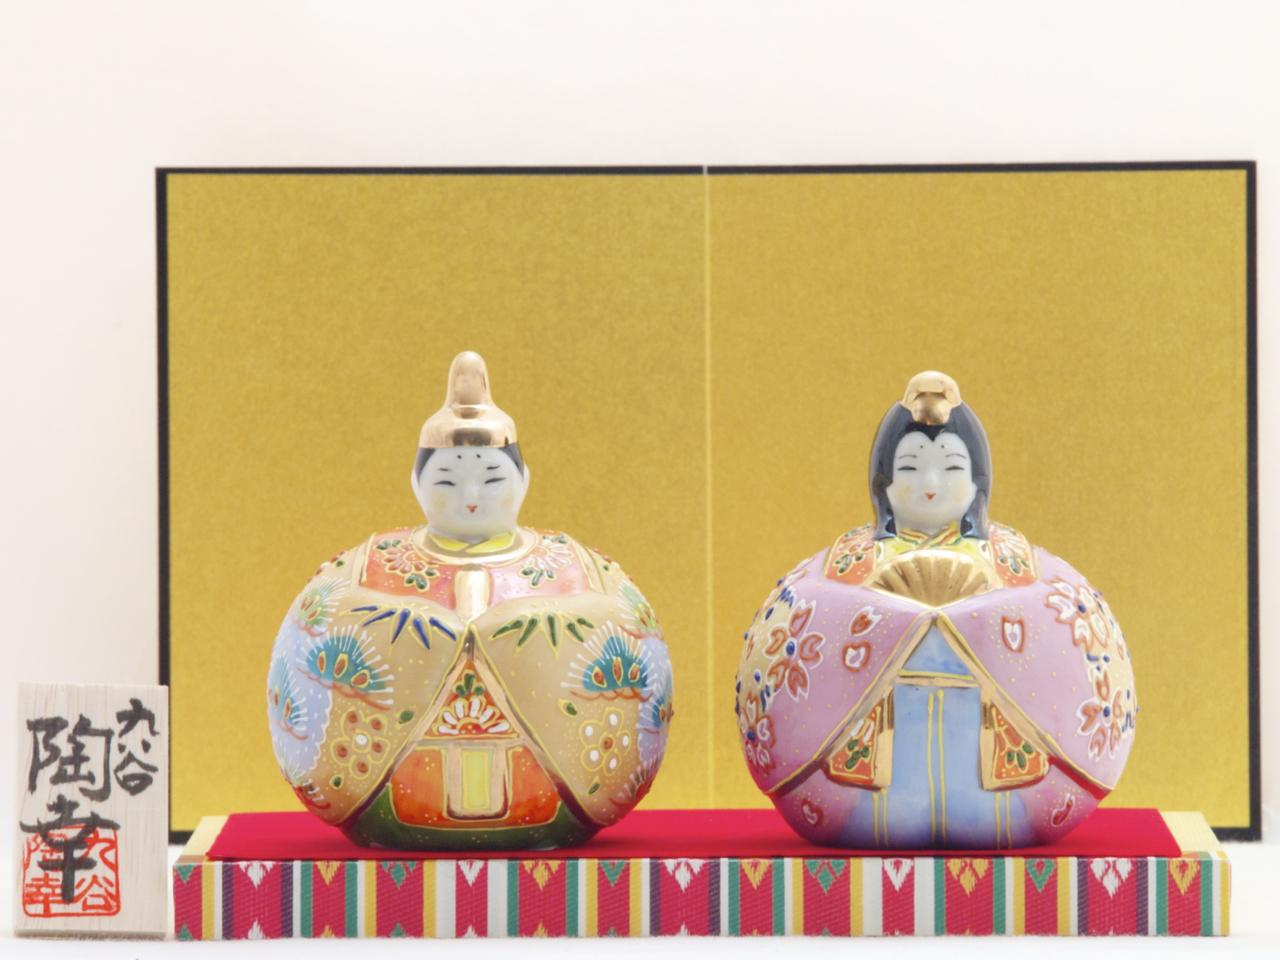 九谷焼陶幸 雛人形 盛 3号 玉雛